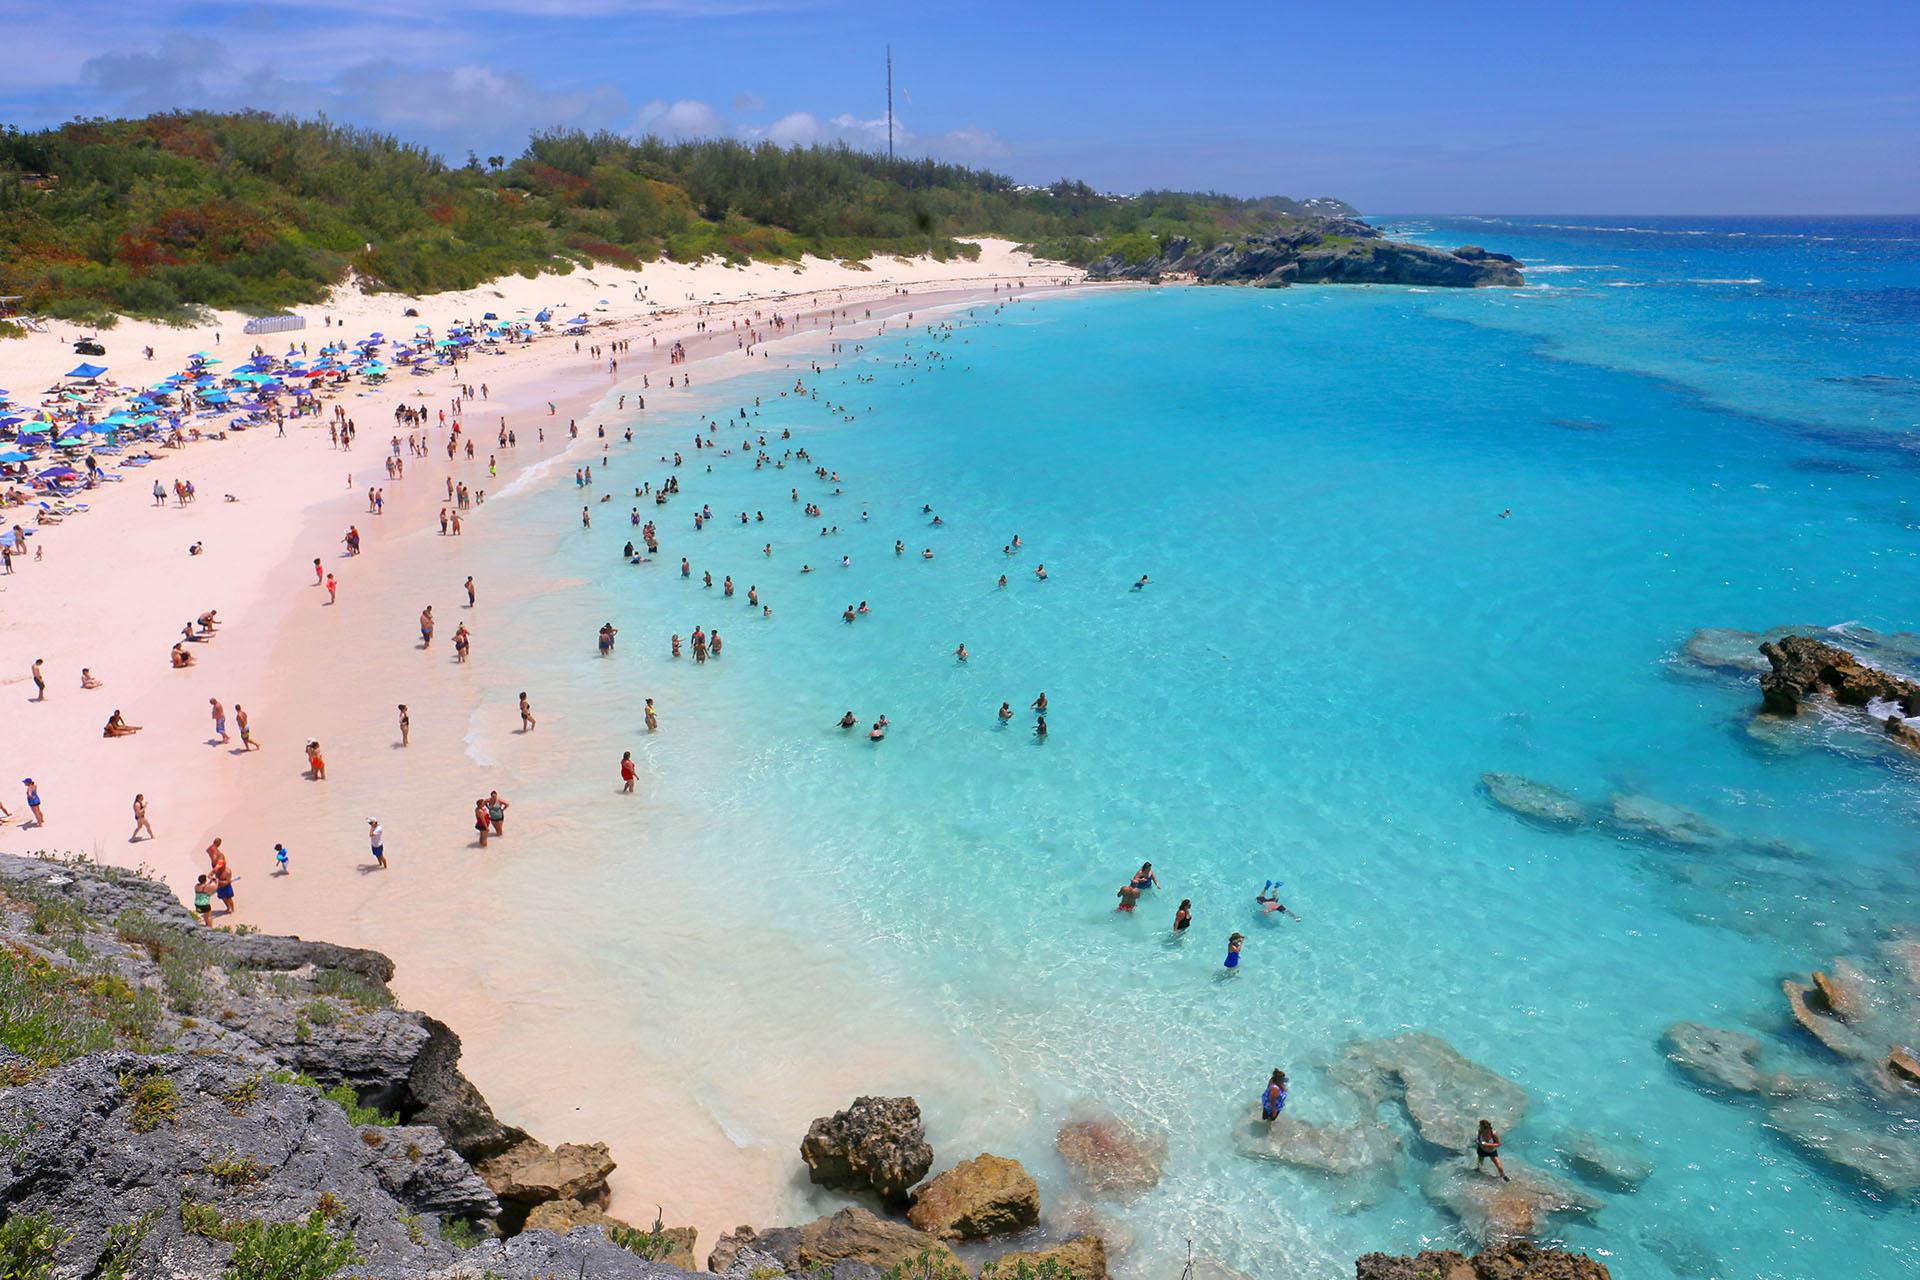 Llamada así por su forma curva, la popular playa de Horseshoe Bay muestra las aguas cristalinas y arenas rosadas de Bermuda. También hay cuevas y calas escondidas, ideales para explorar y realizar deportes acuáticos